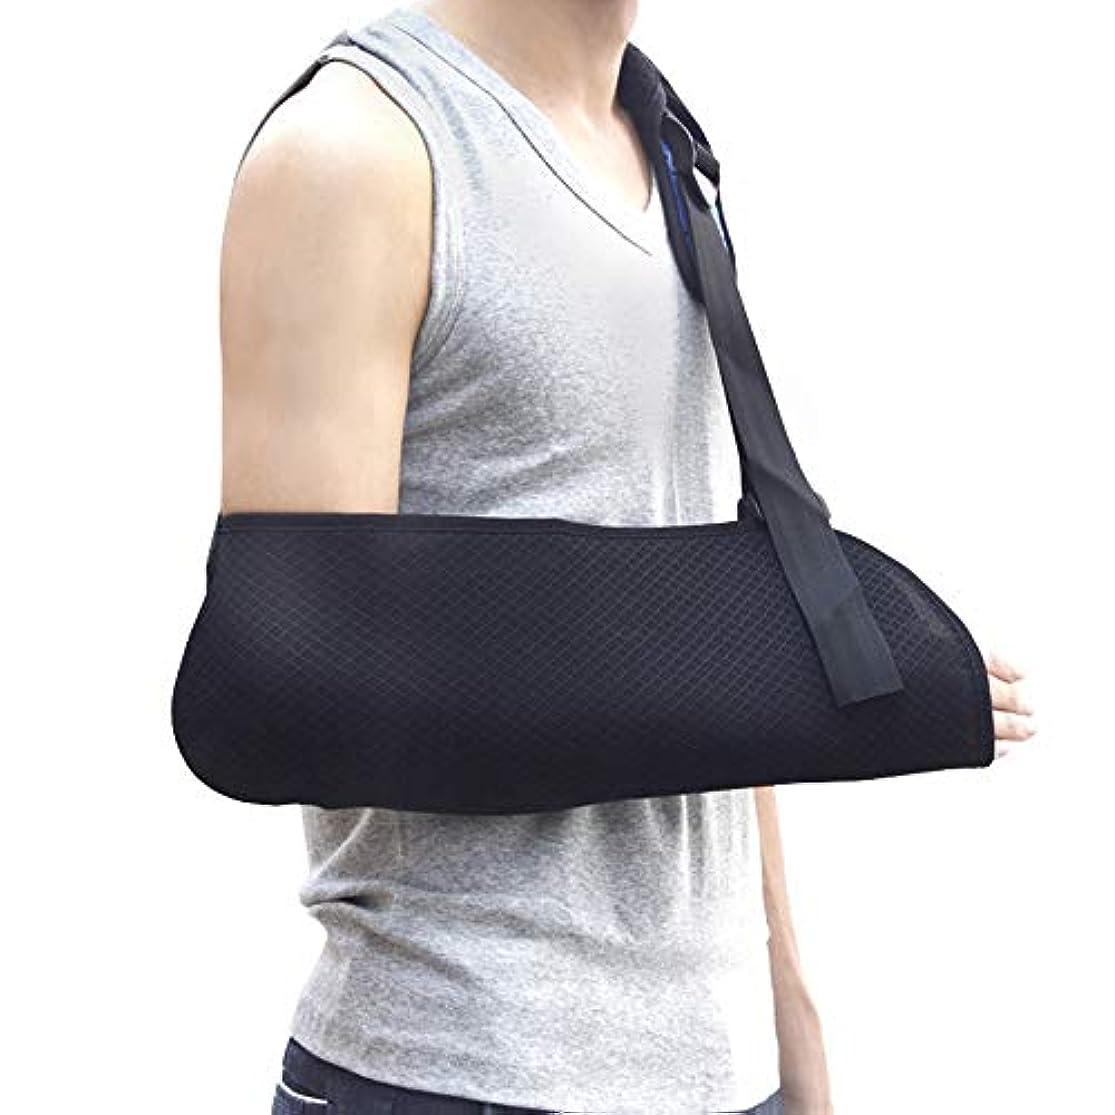 責傾斜消毒剤アームスリング、軽量、通気性、人間工学に基づいて設計された医療用スリング-骨折や骨折した骨用の調整可能なアーム、肩、および回旋腱板のサポート,M